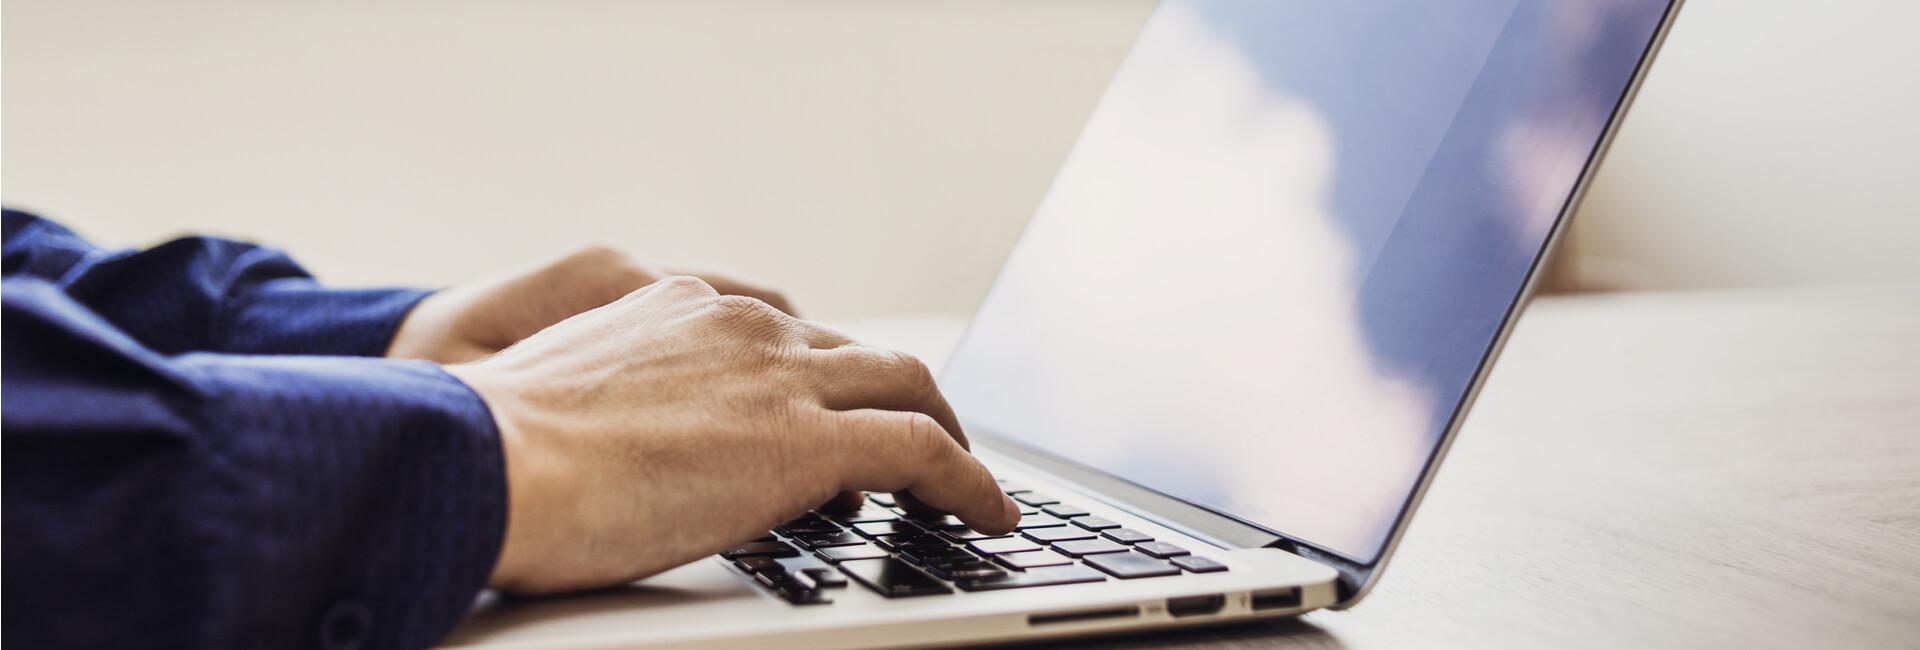 Ufficio virtuale: abilitarlo con l'Hybrid Cloud